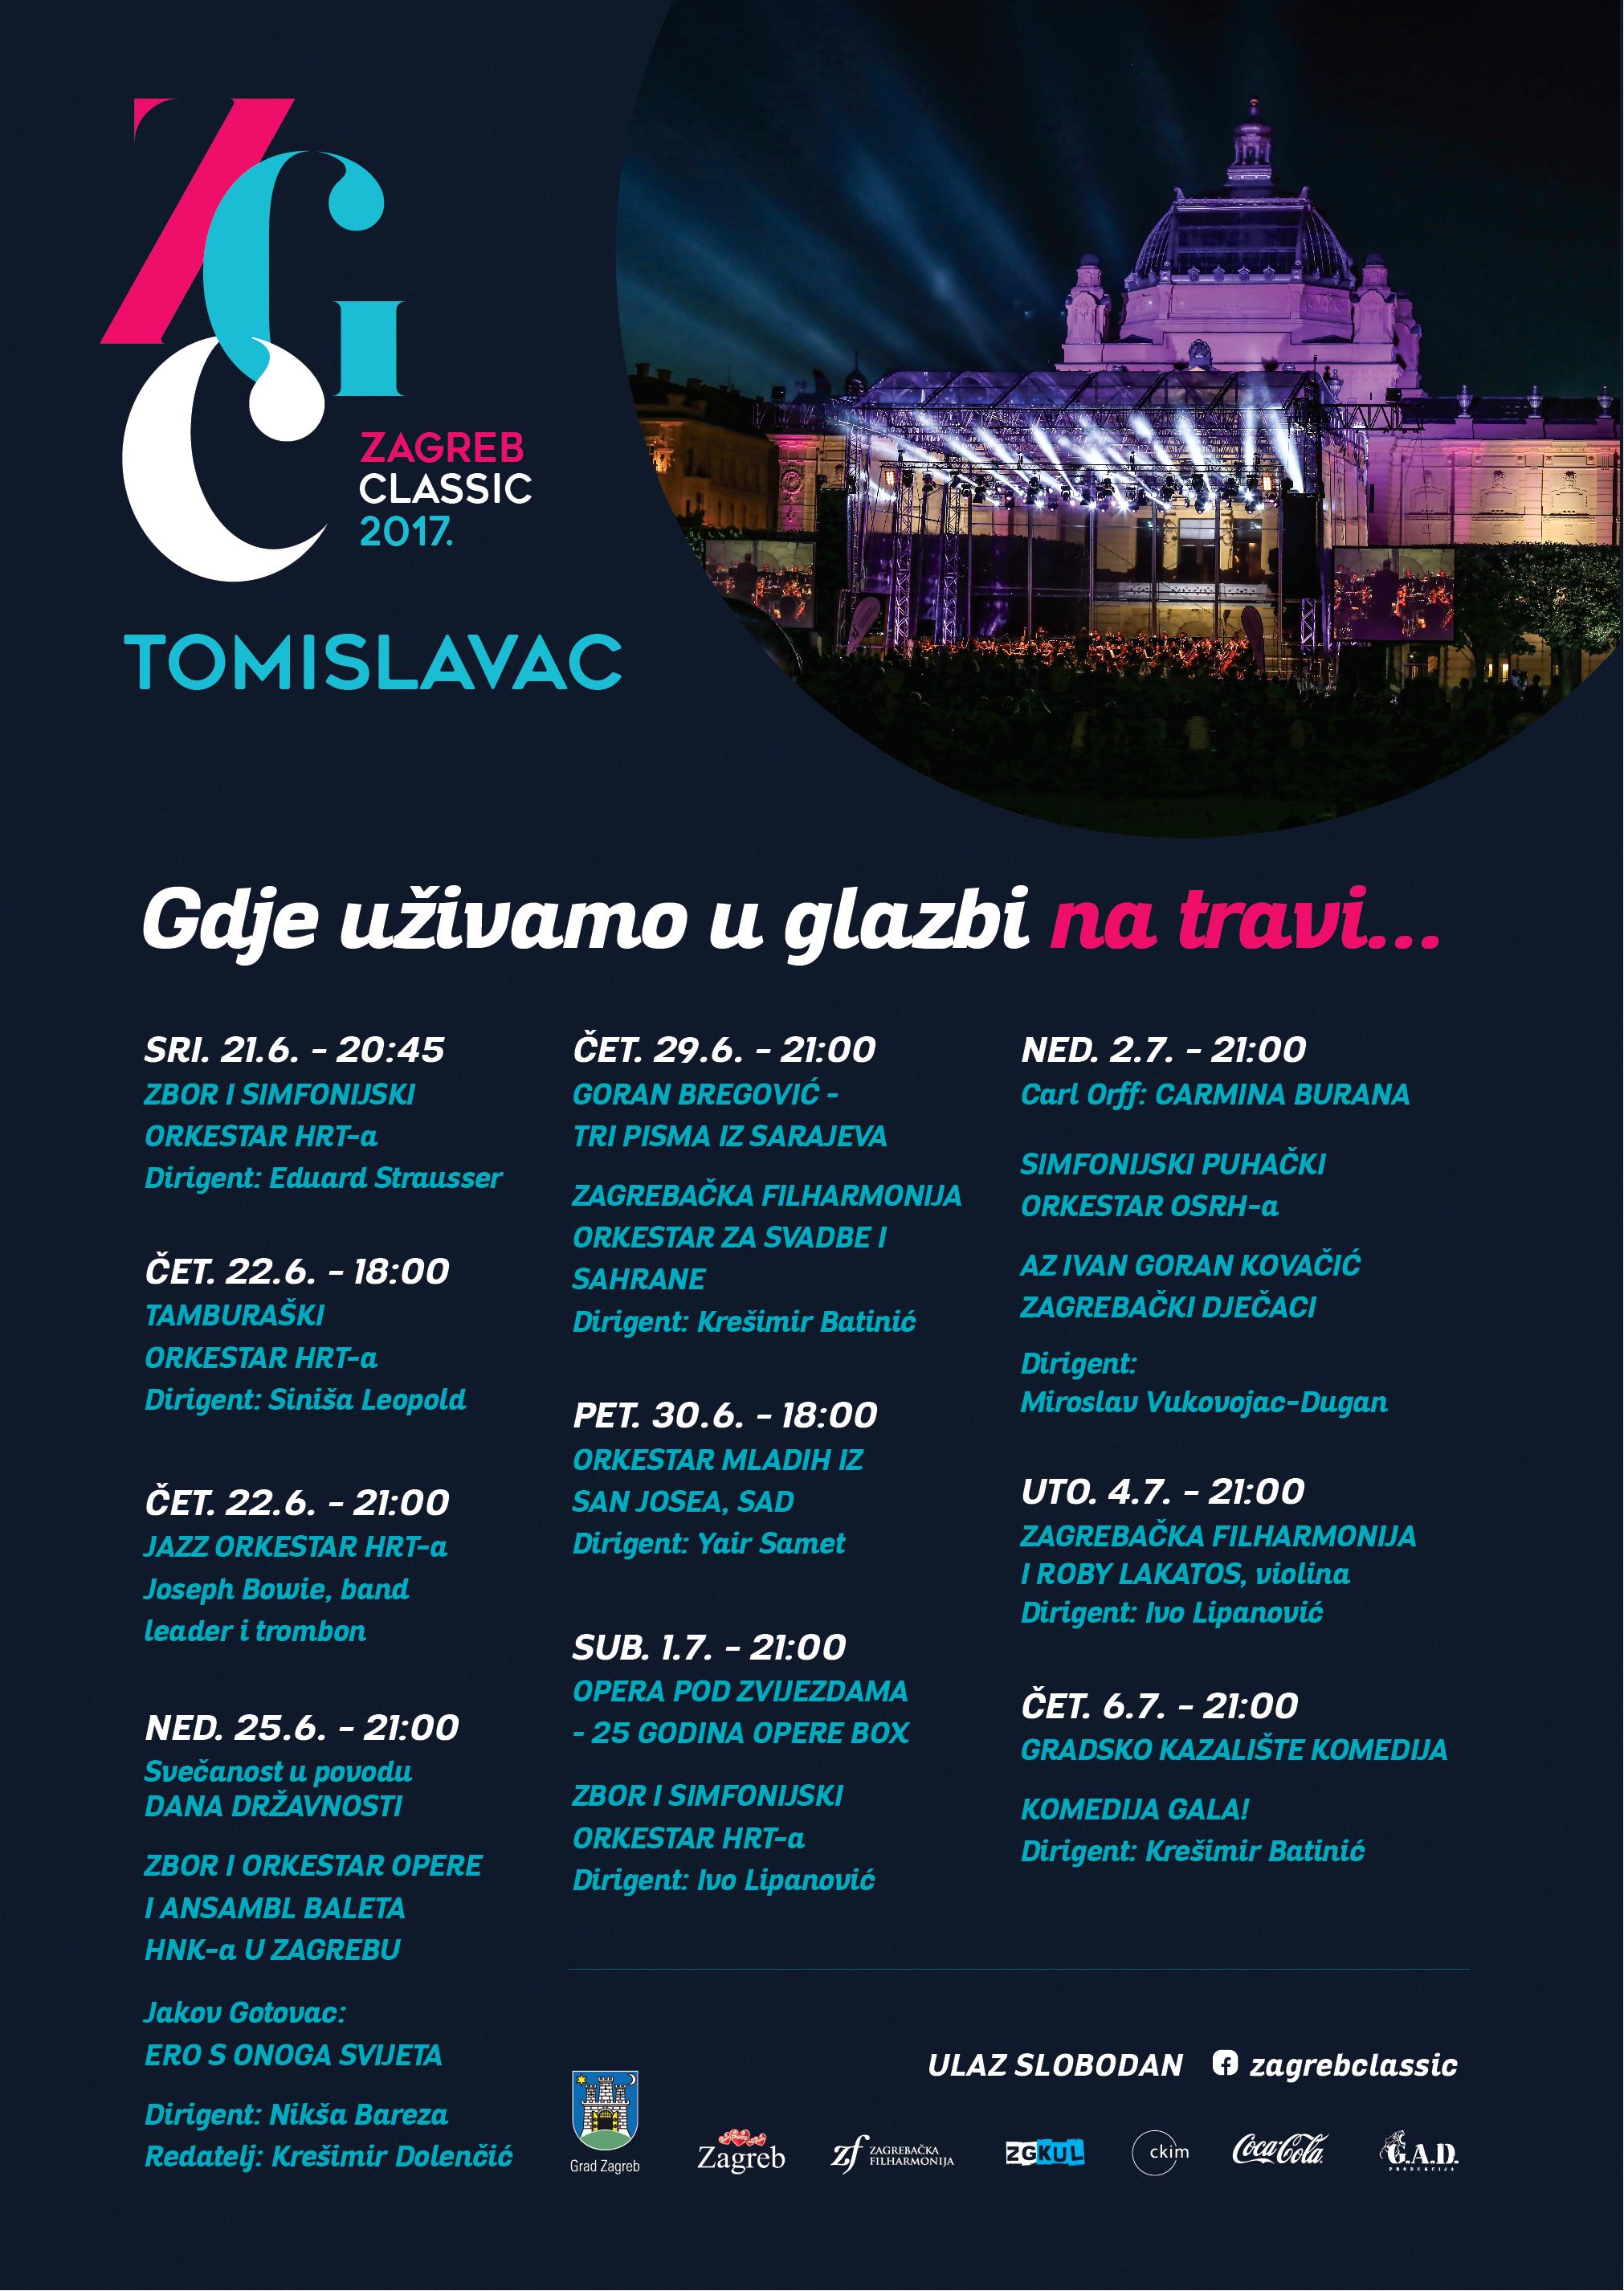 ČAROBNI BROADWAY - koncert u sklopu Festivala Zagreb Classic